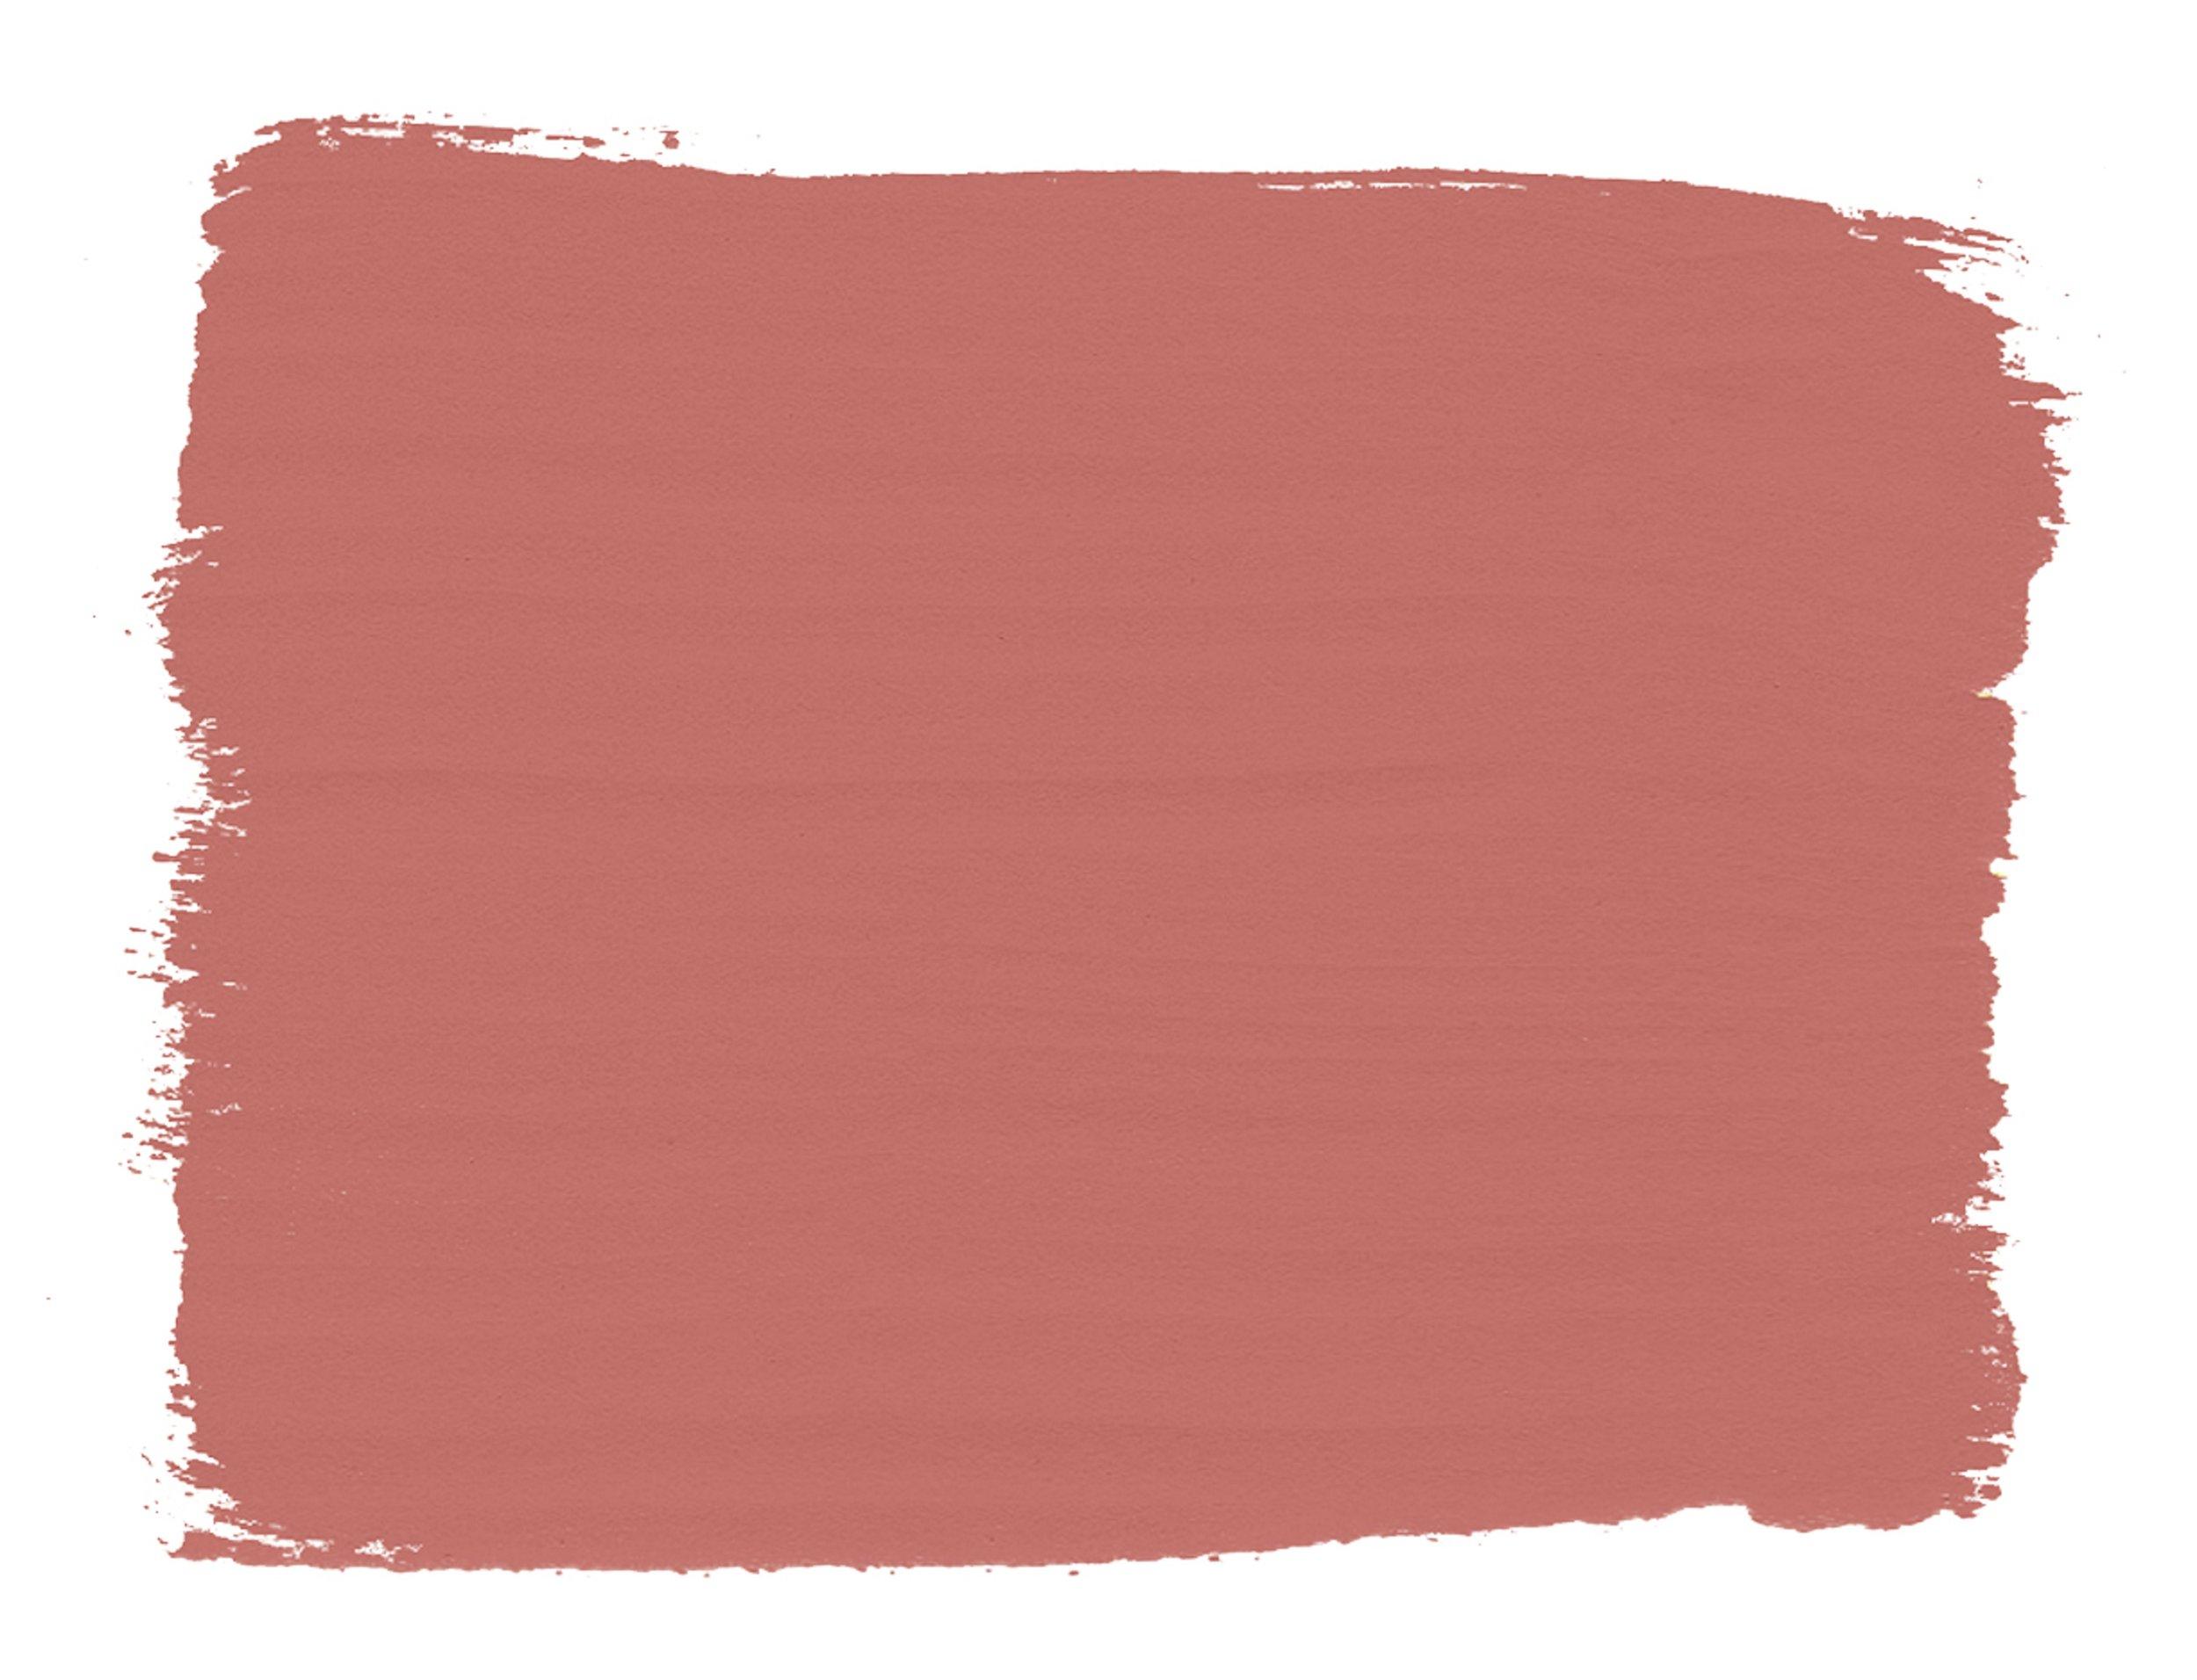 Scandinavian Pink is an Annie Sloan cult favourite